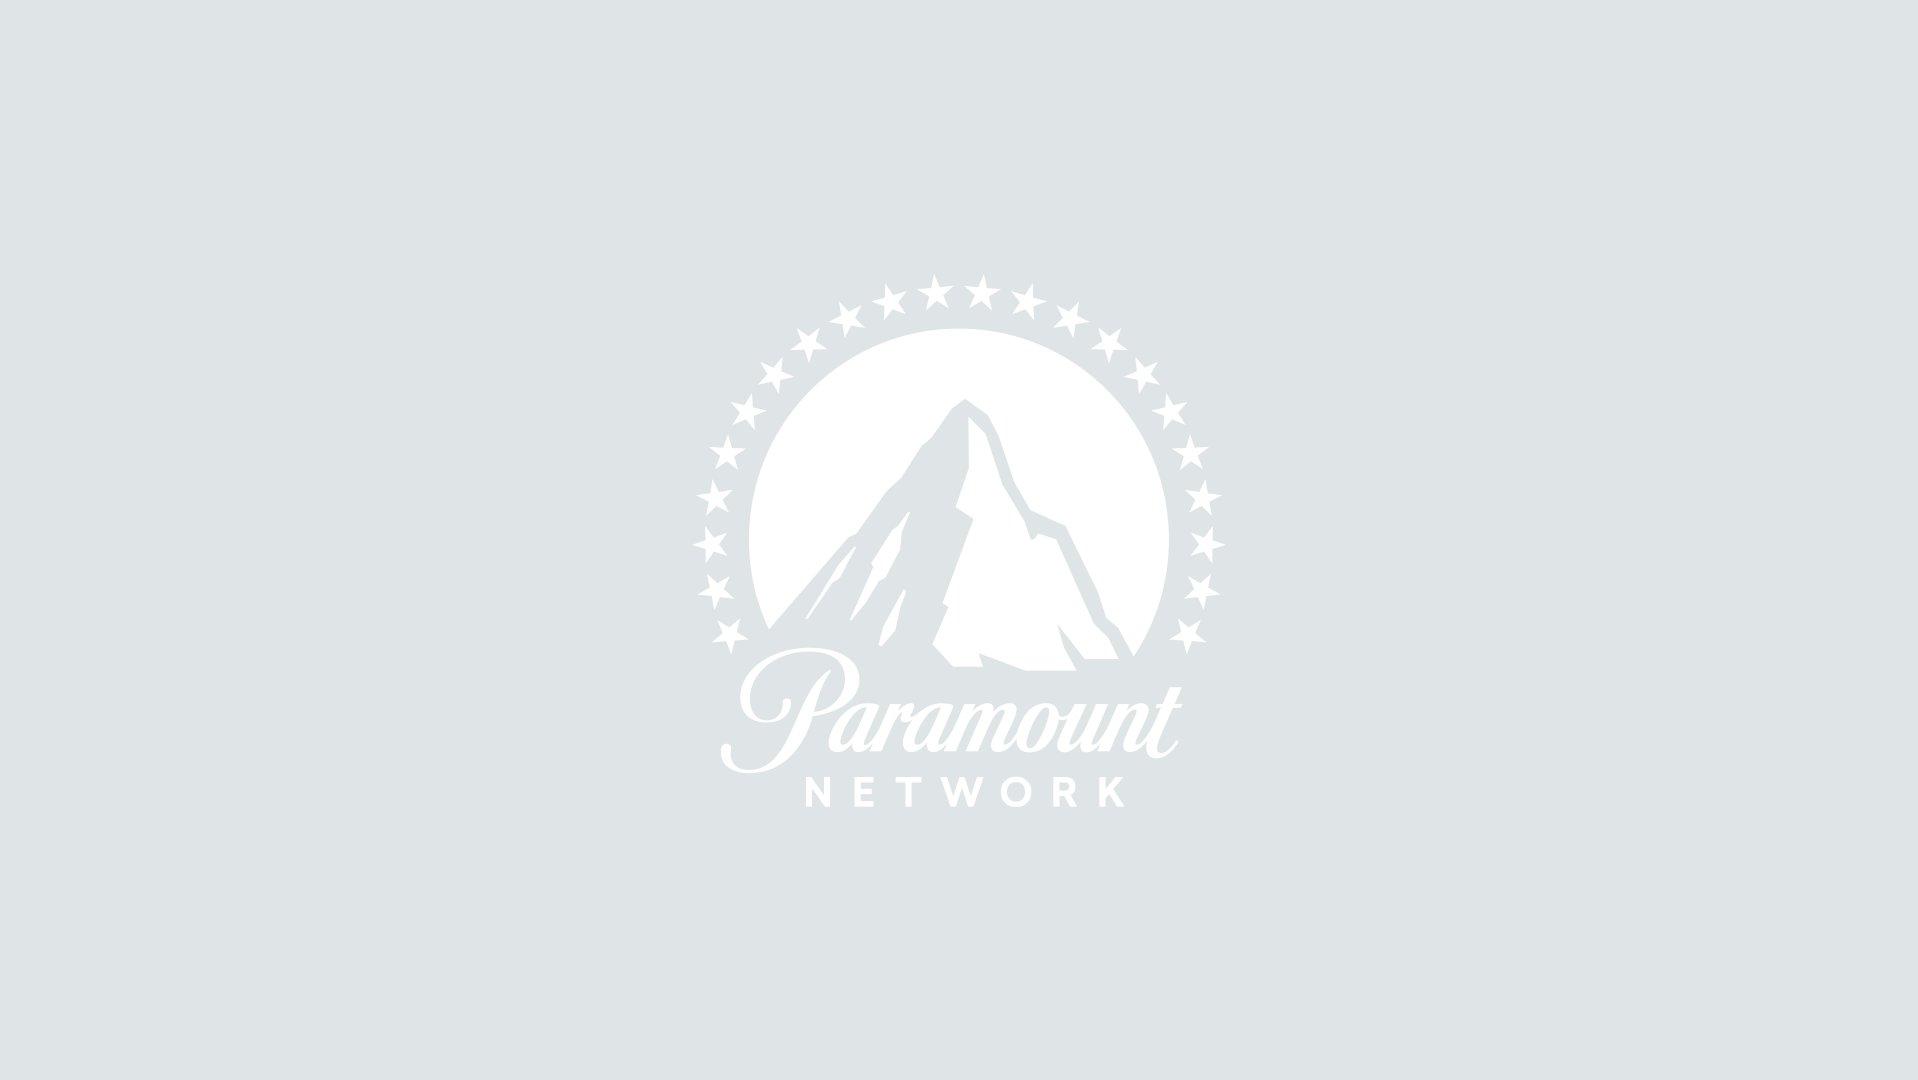 Renée Zellweger e Colin Firth (Il diario di Bridget Jones), foto: Getty Images